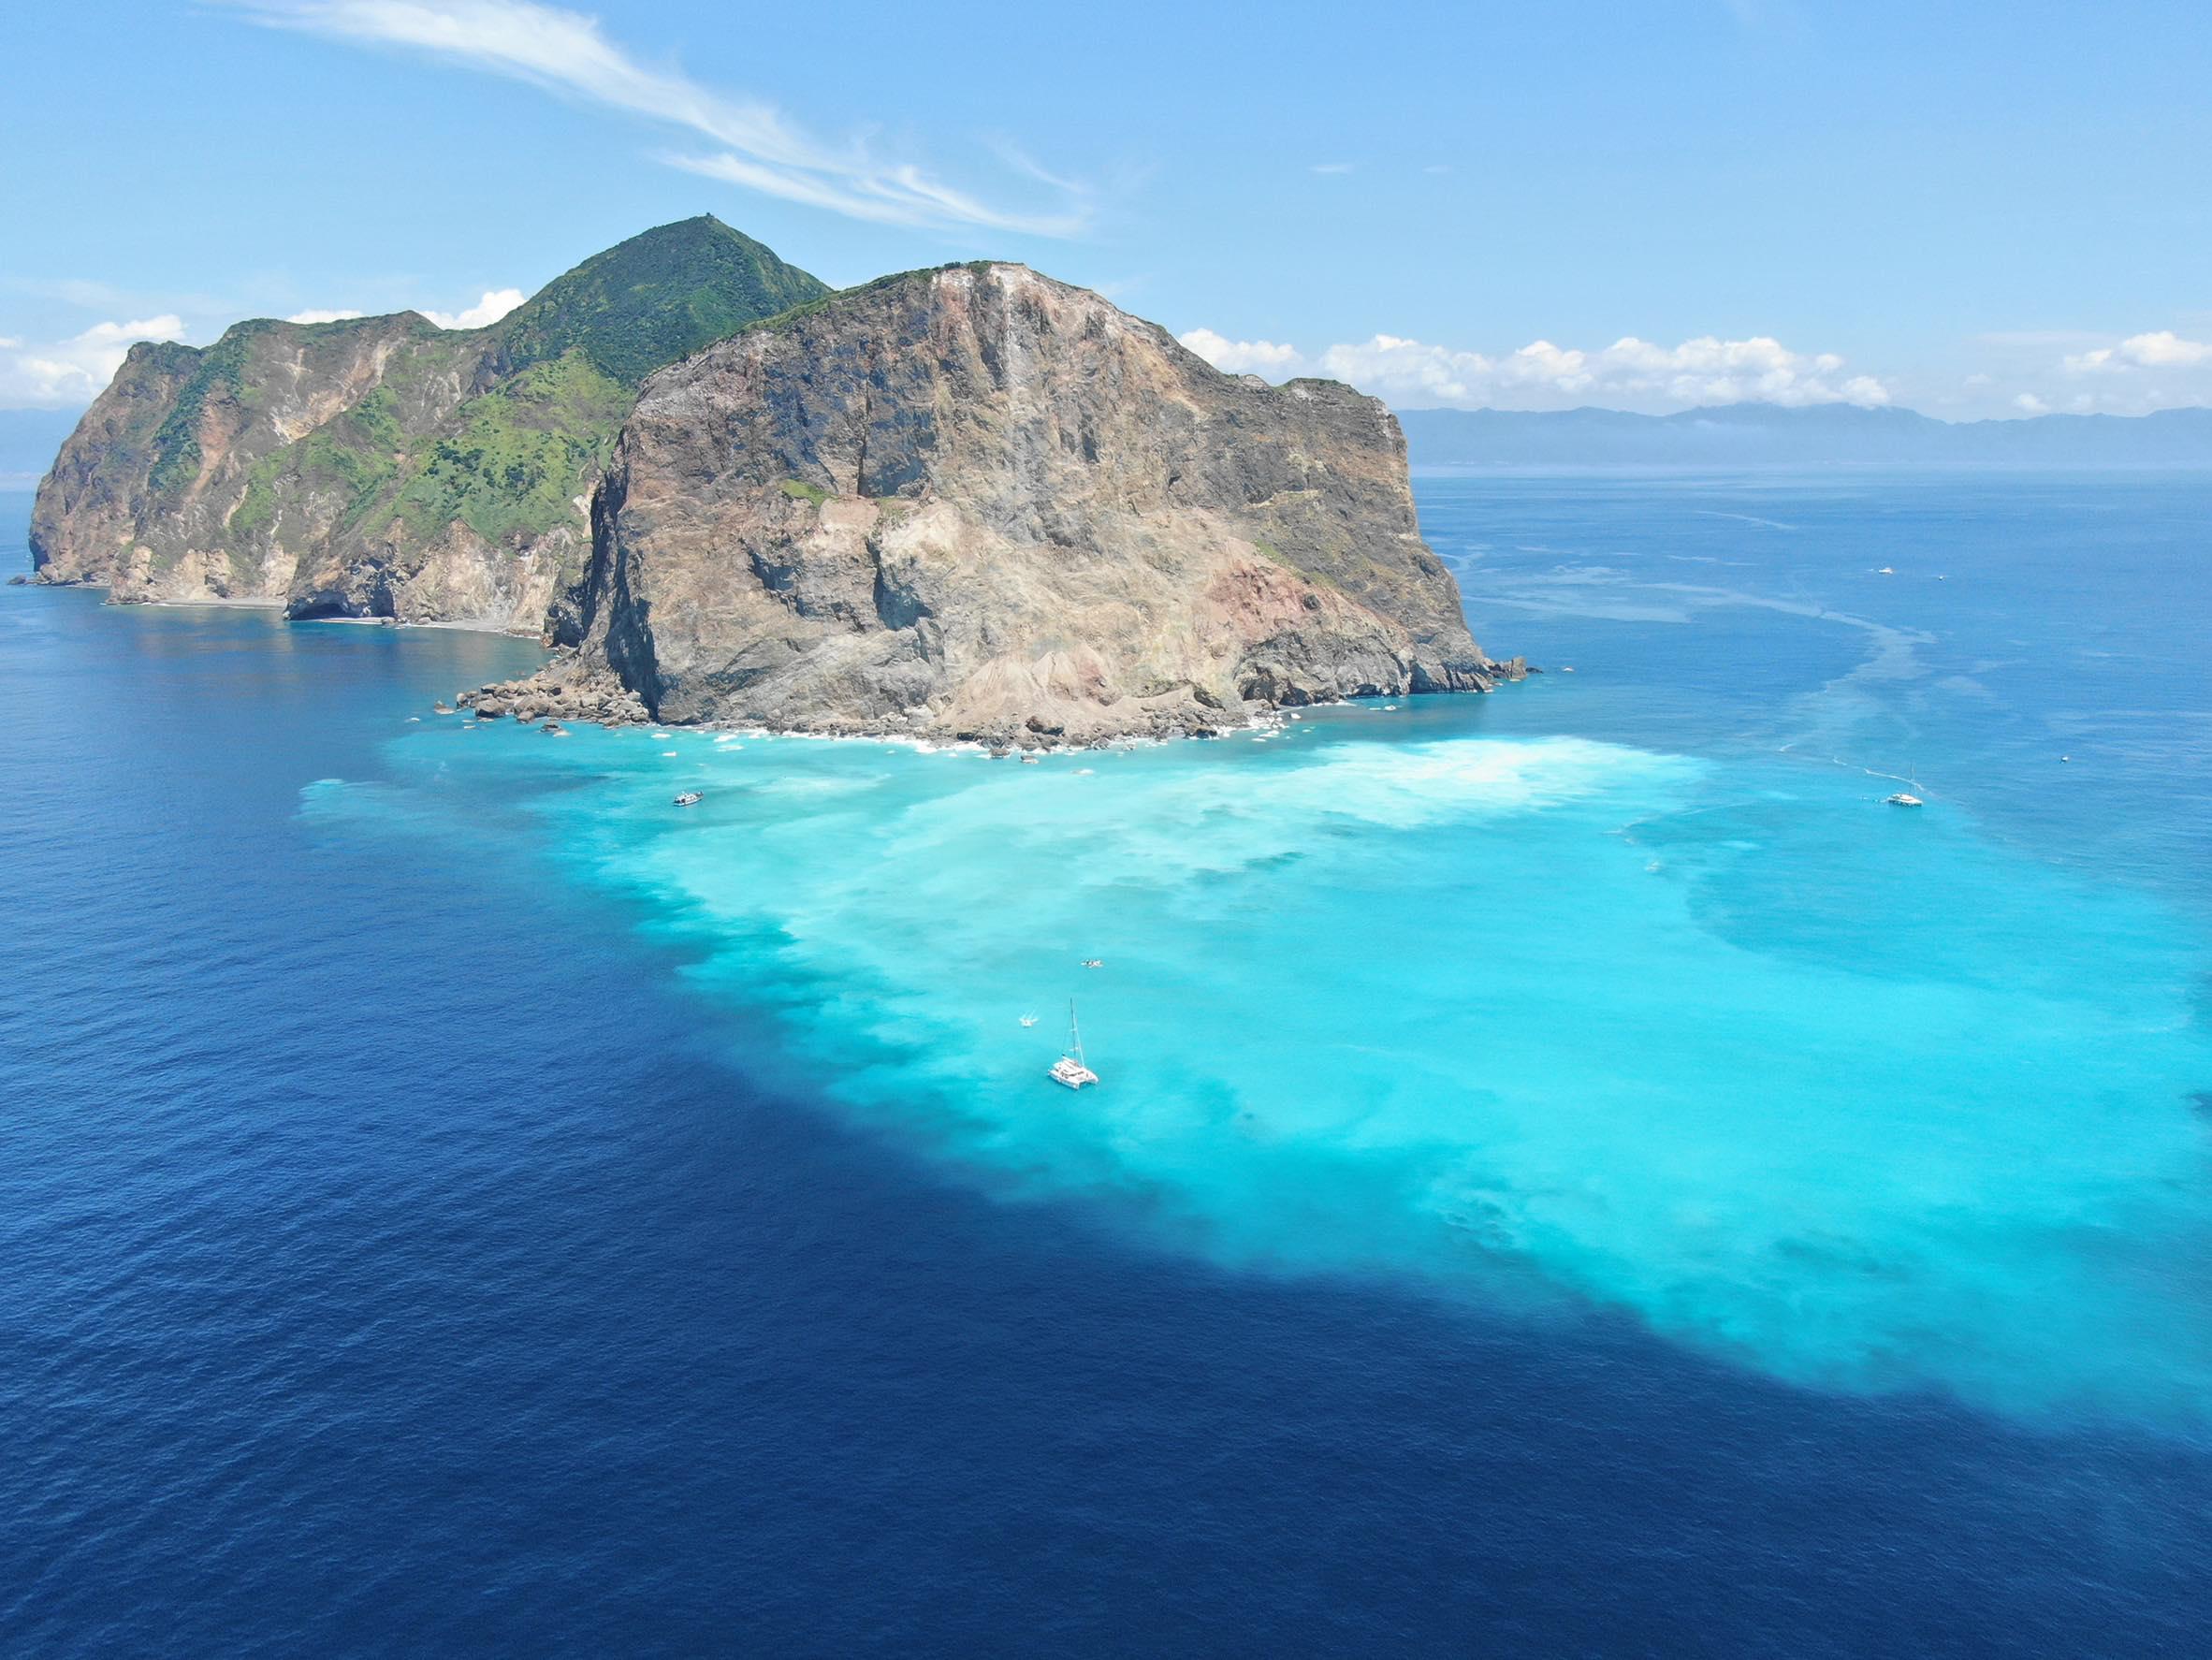 空拍龜山島帆船